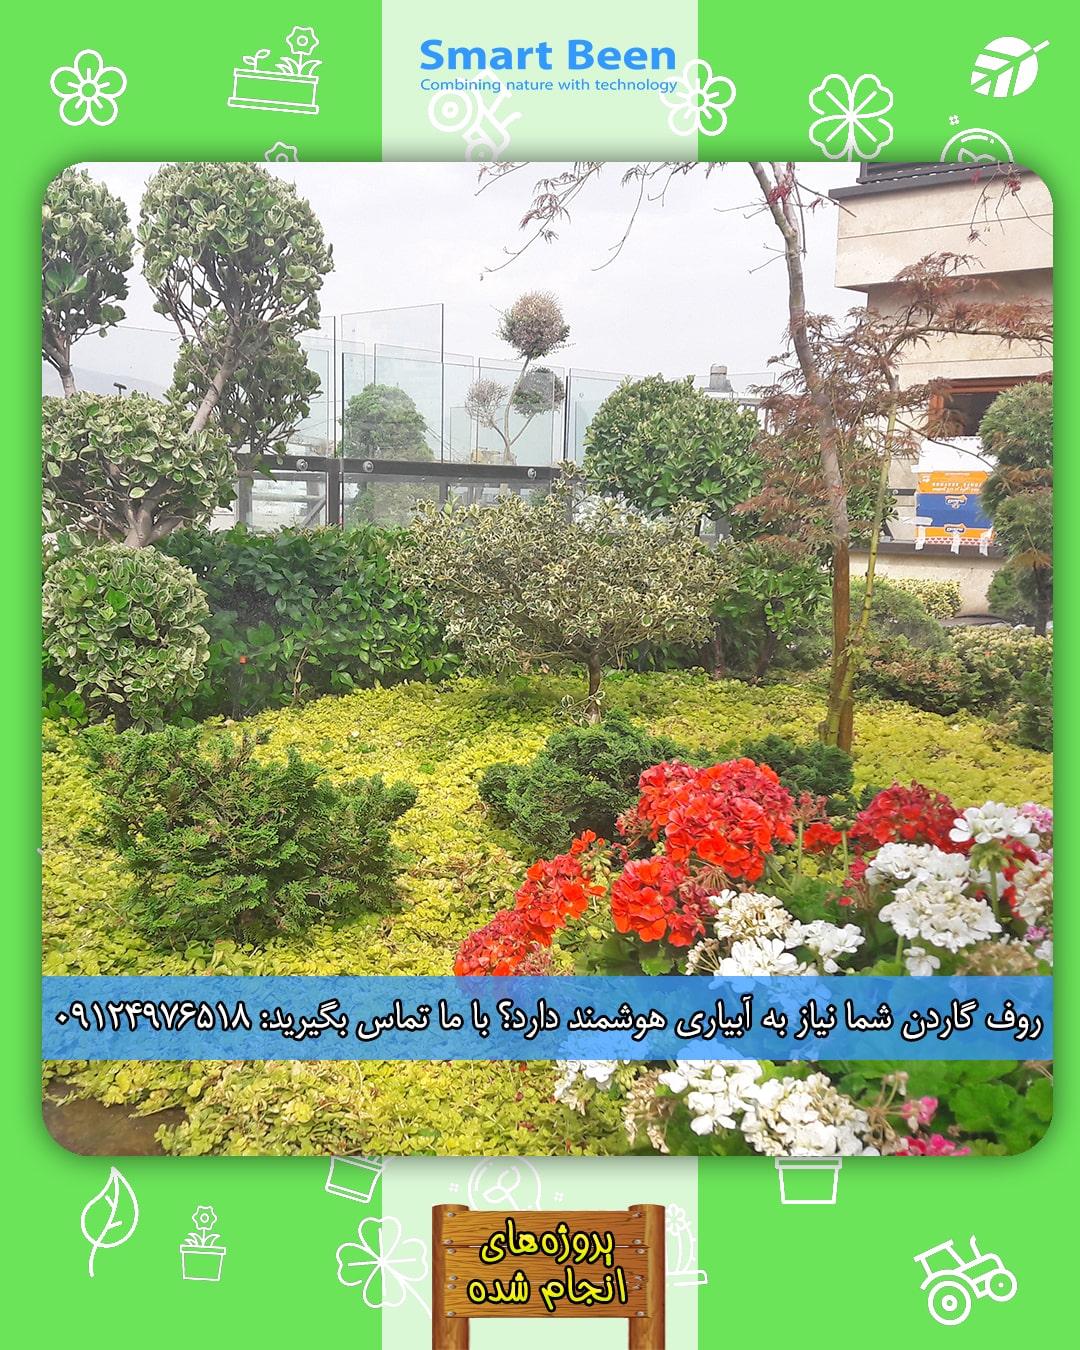 آبیاری هوشمند روف گاردن Roof garden